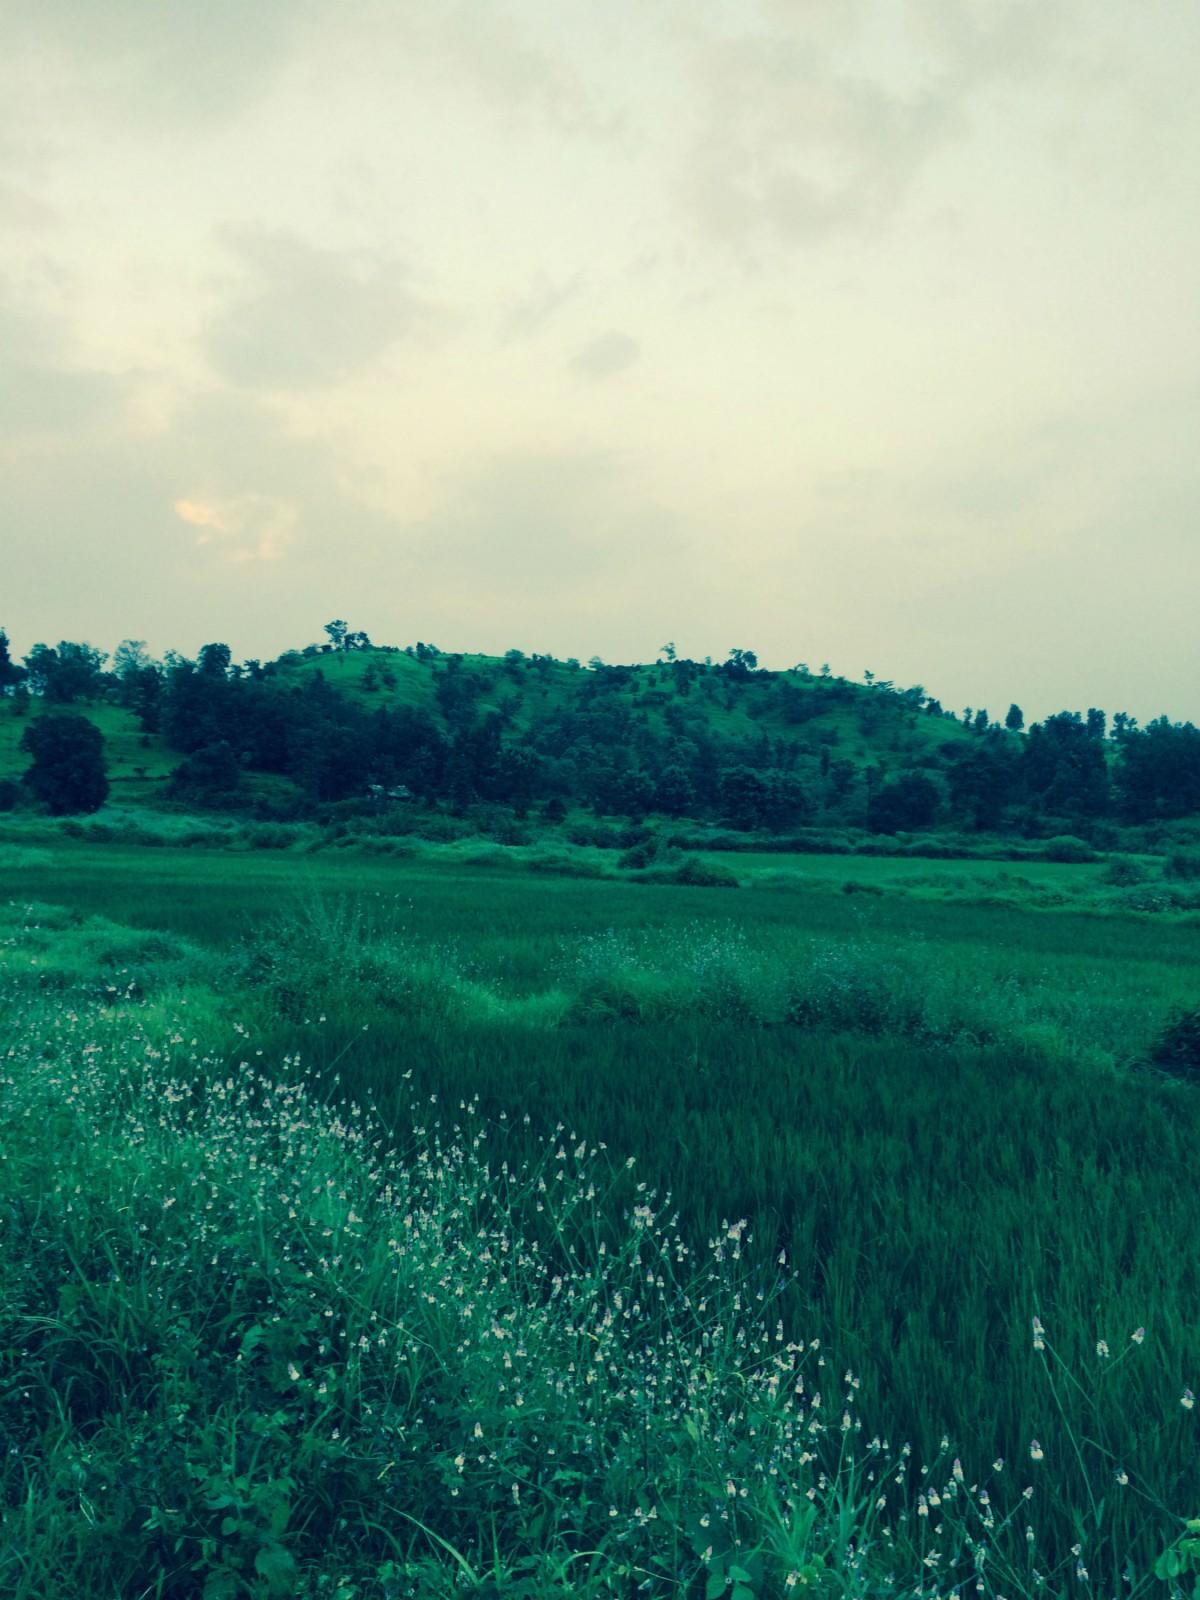 Pune at Keshavnagar-Mundwa